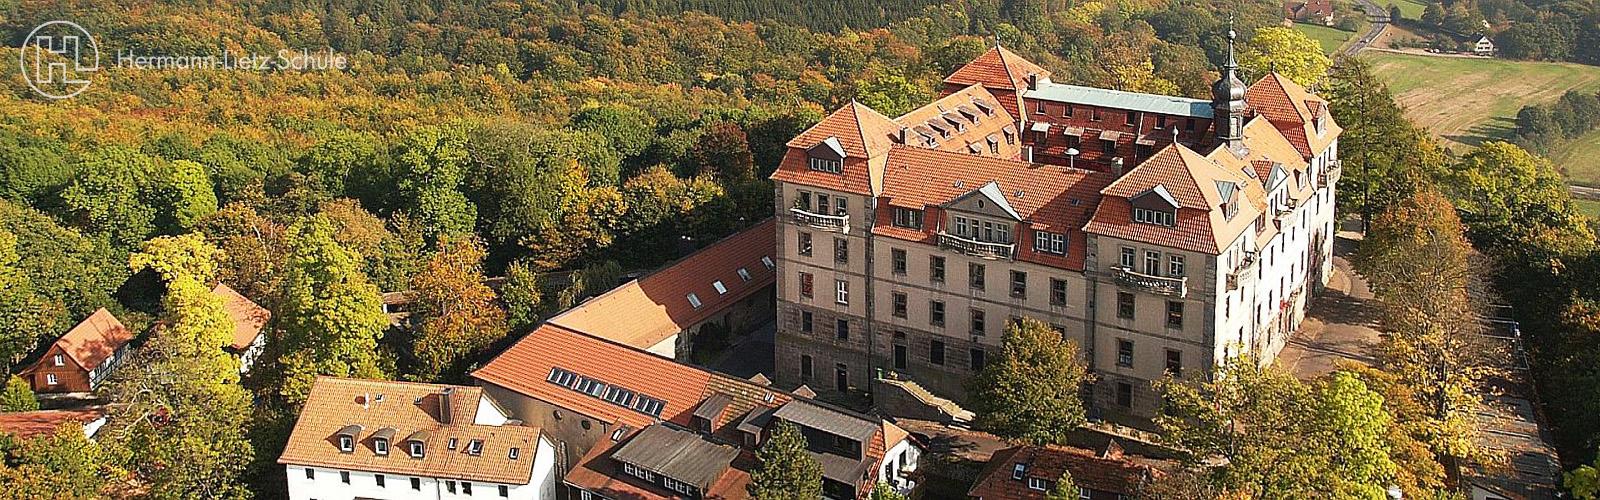 Lietz Internat Schloss Bieberstein